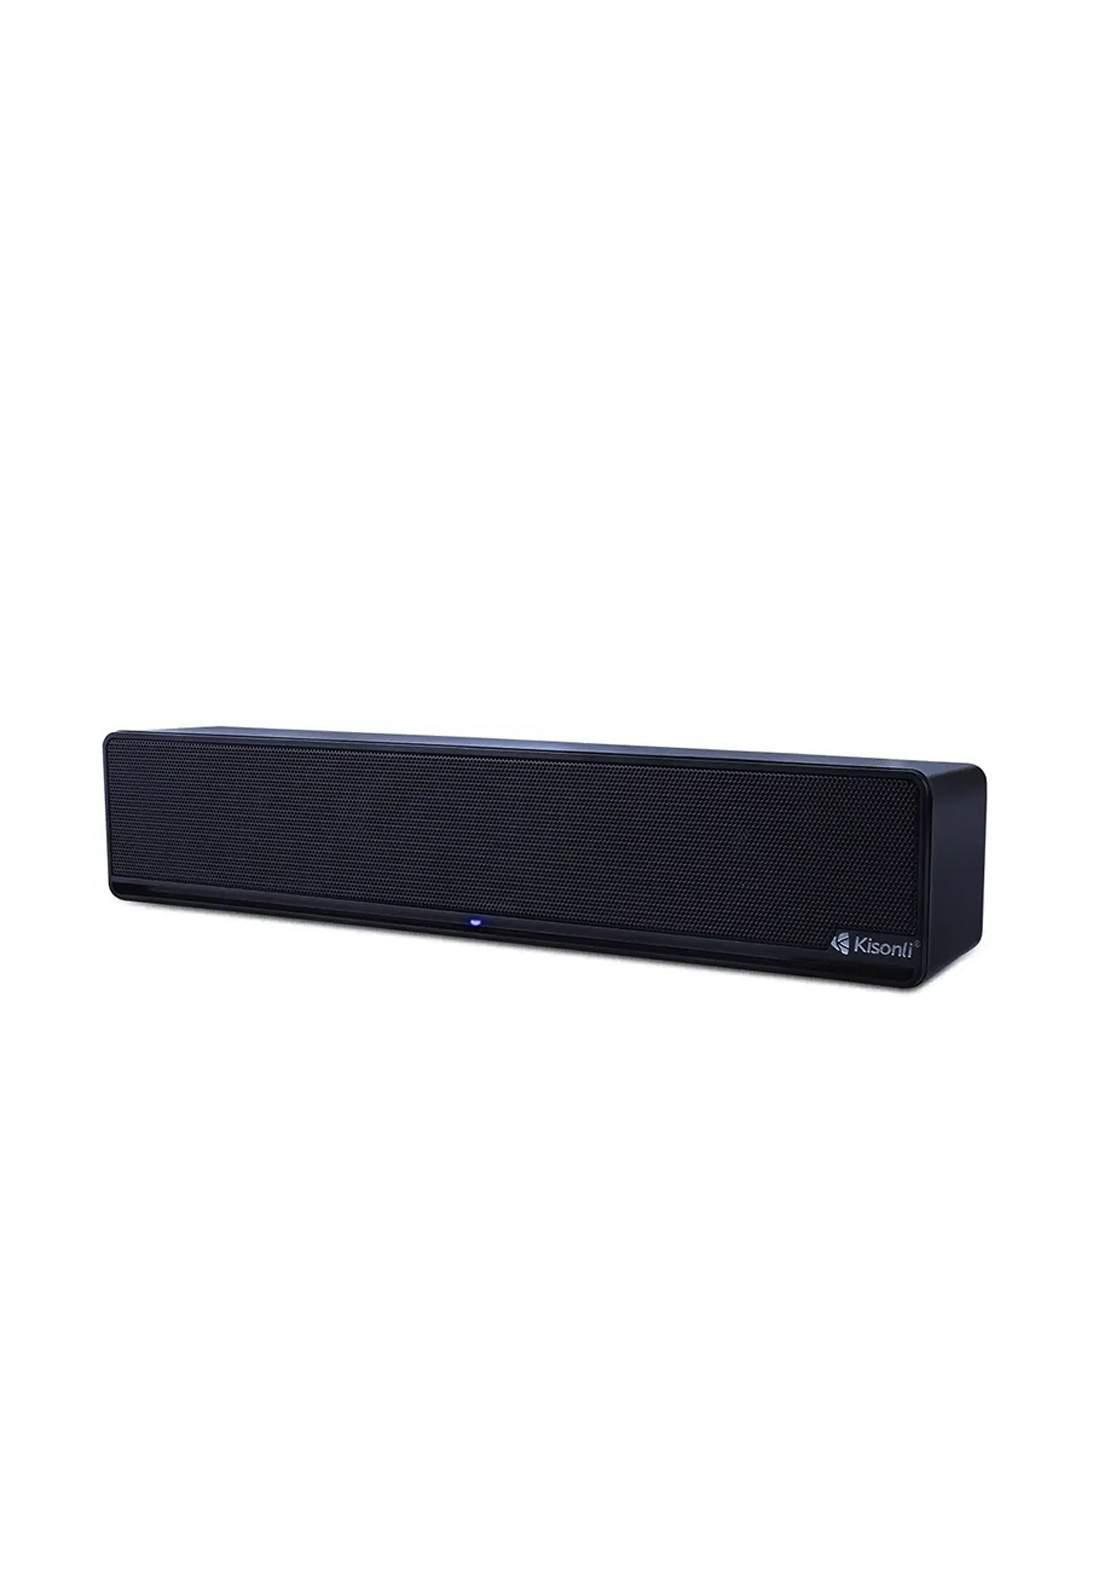 Kisonli I-510 USB 2.0 High Quality Single Speaker - Black سبيكر